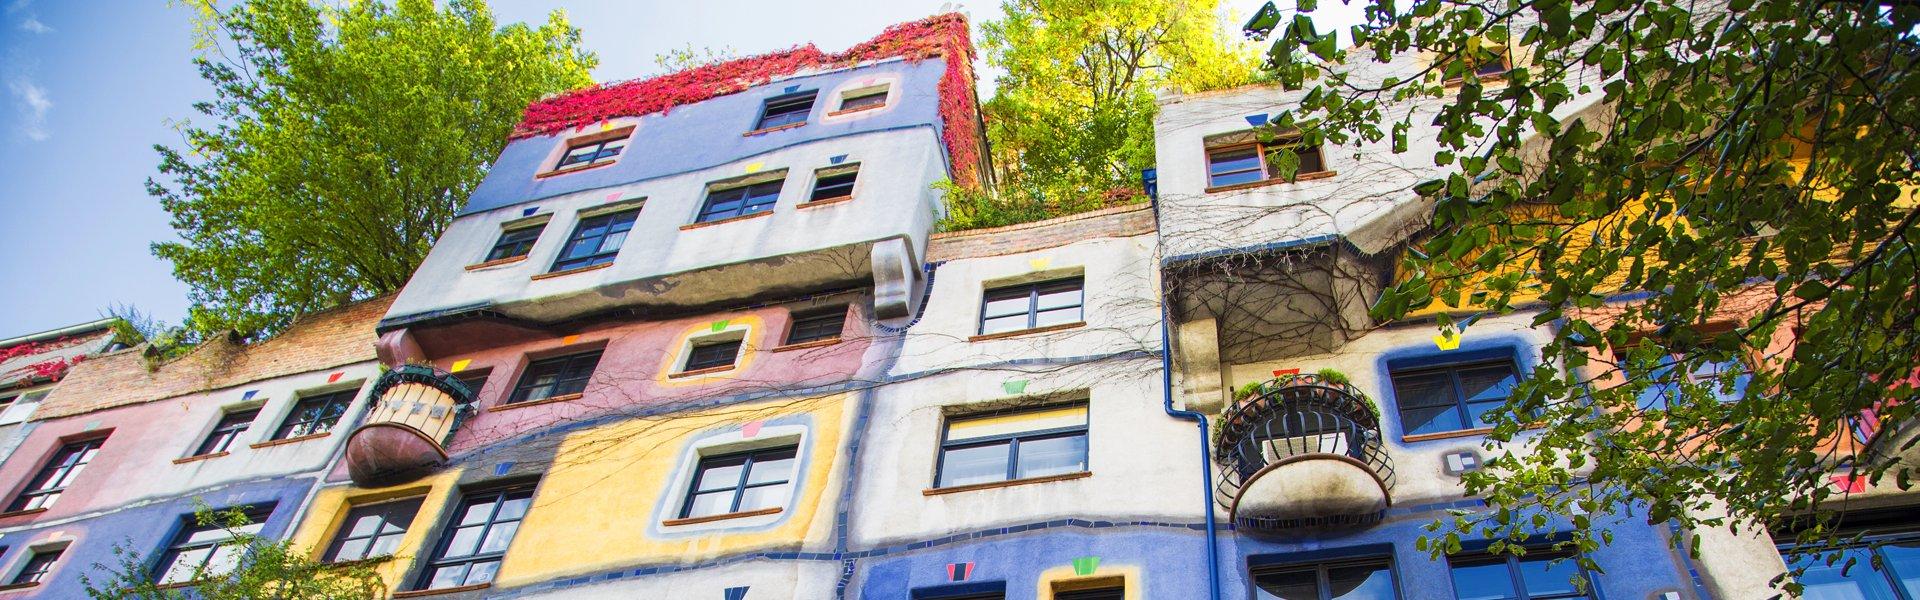 Hundertwasser in Wenen, Oostenrijk